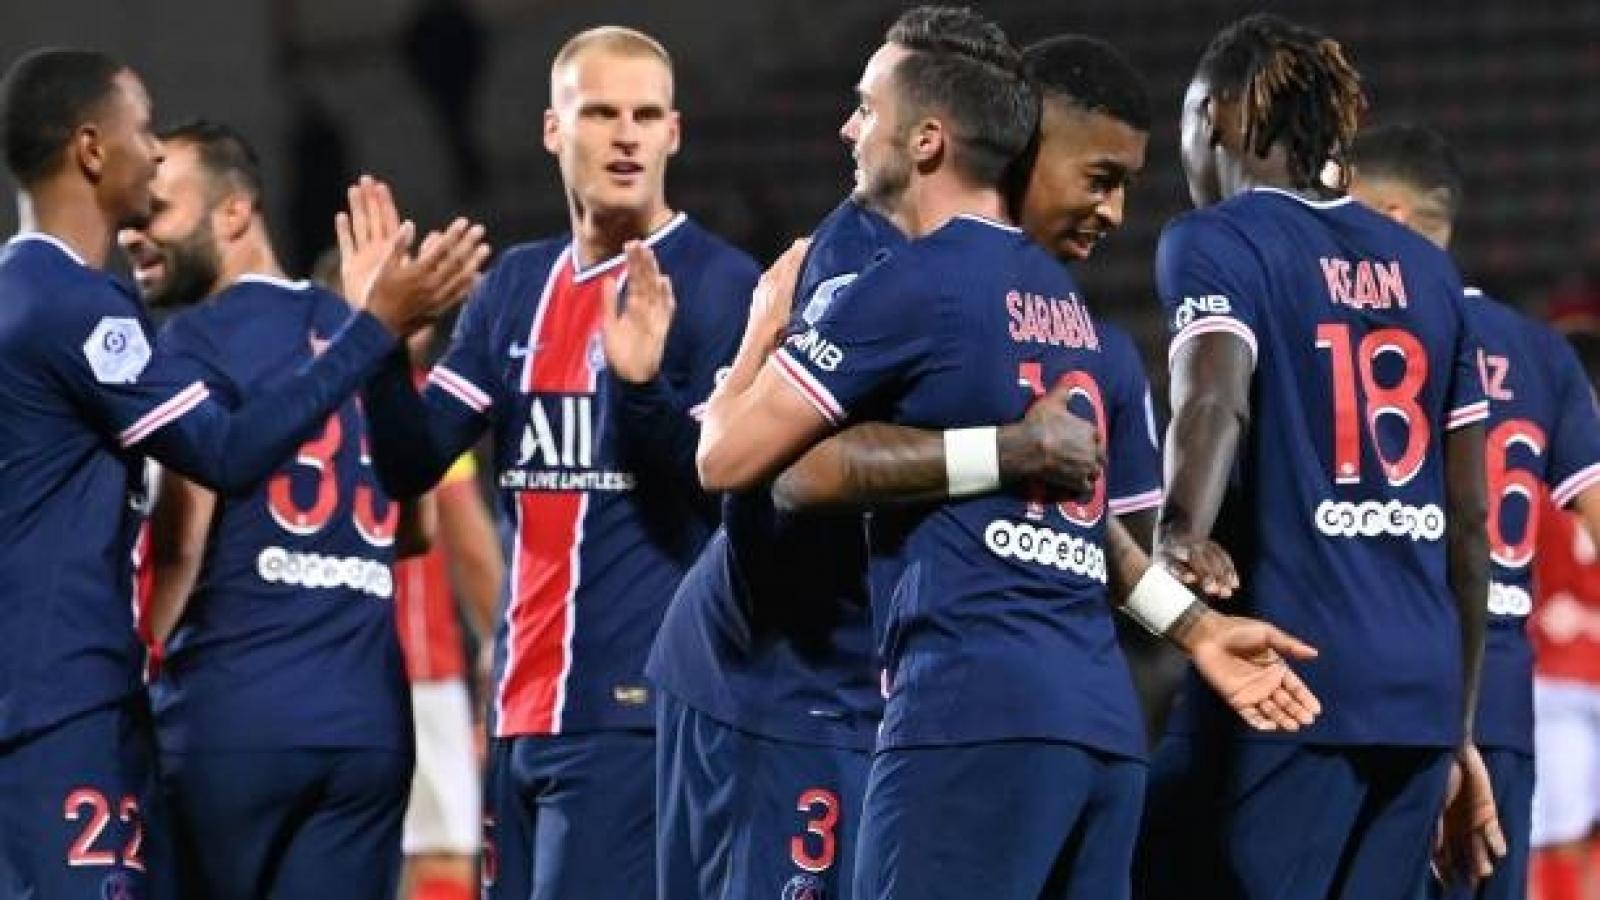 """Thắng đậm Nimes ở Ligue 1, PSG chạy đà hoàn hảo trước """"đại chiến"""" với MU"""